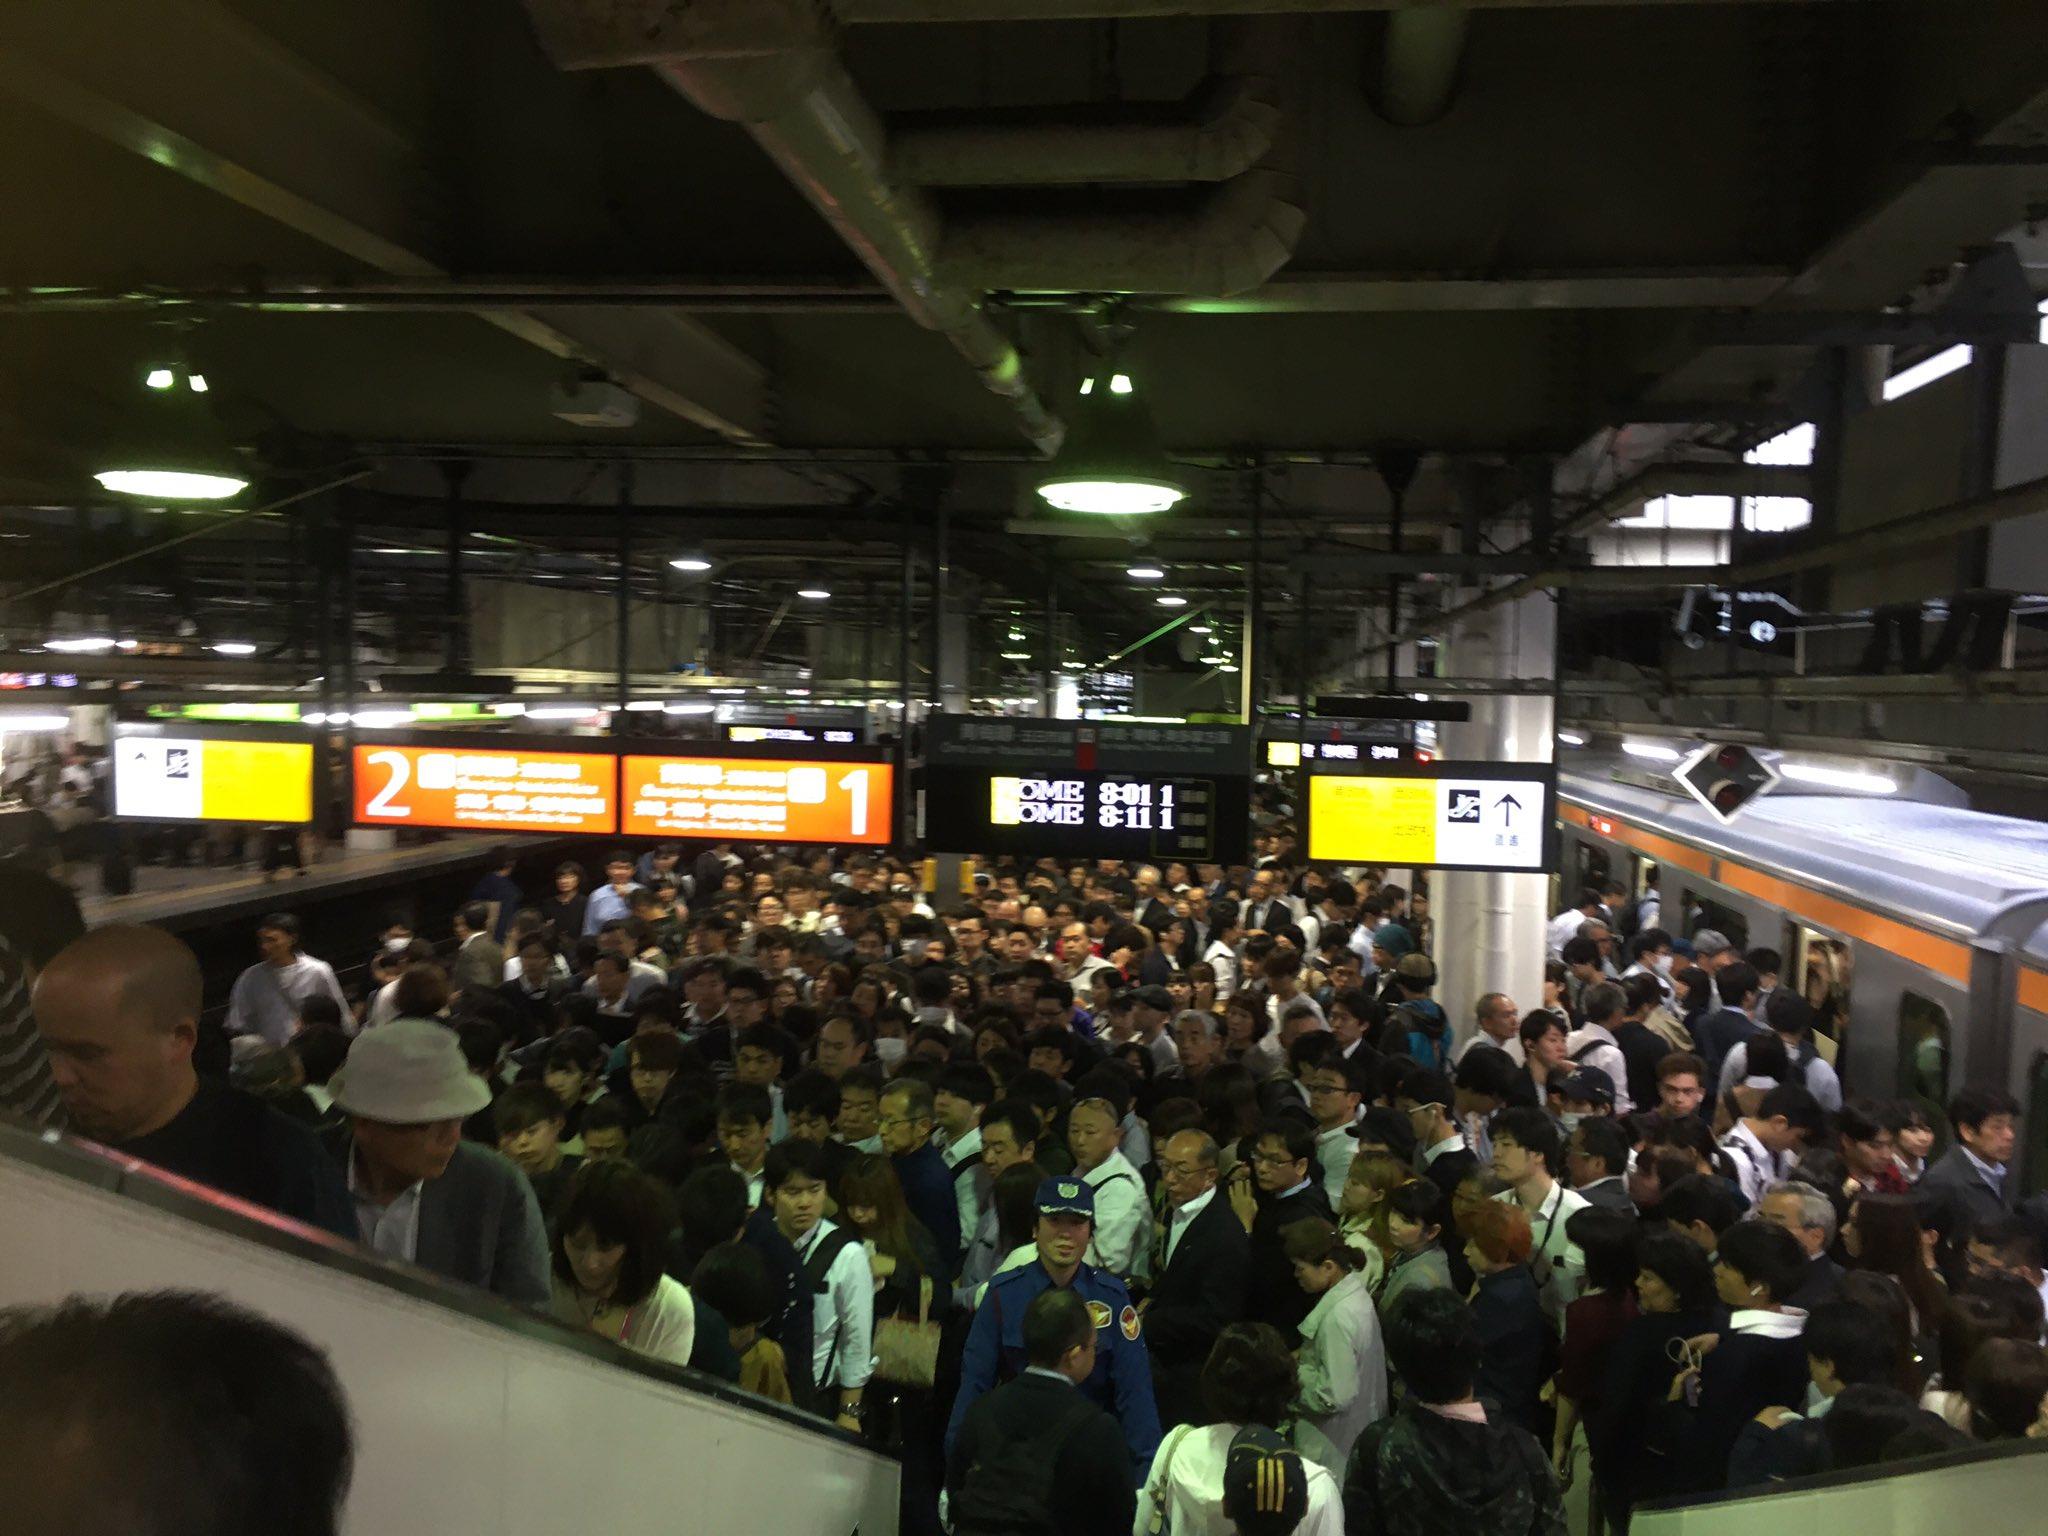 青梅線の立川駅のホームが混雑している現場画像